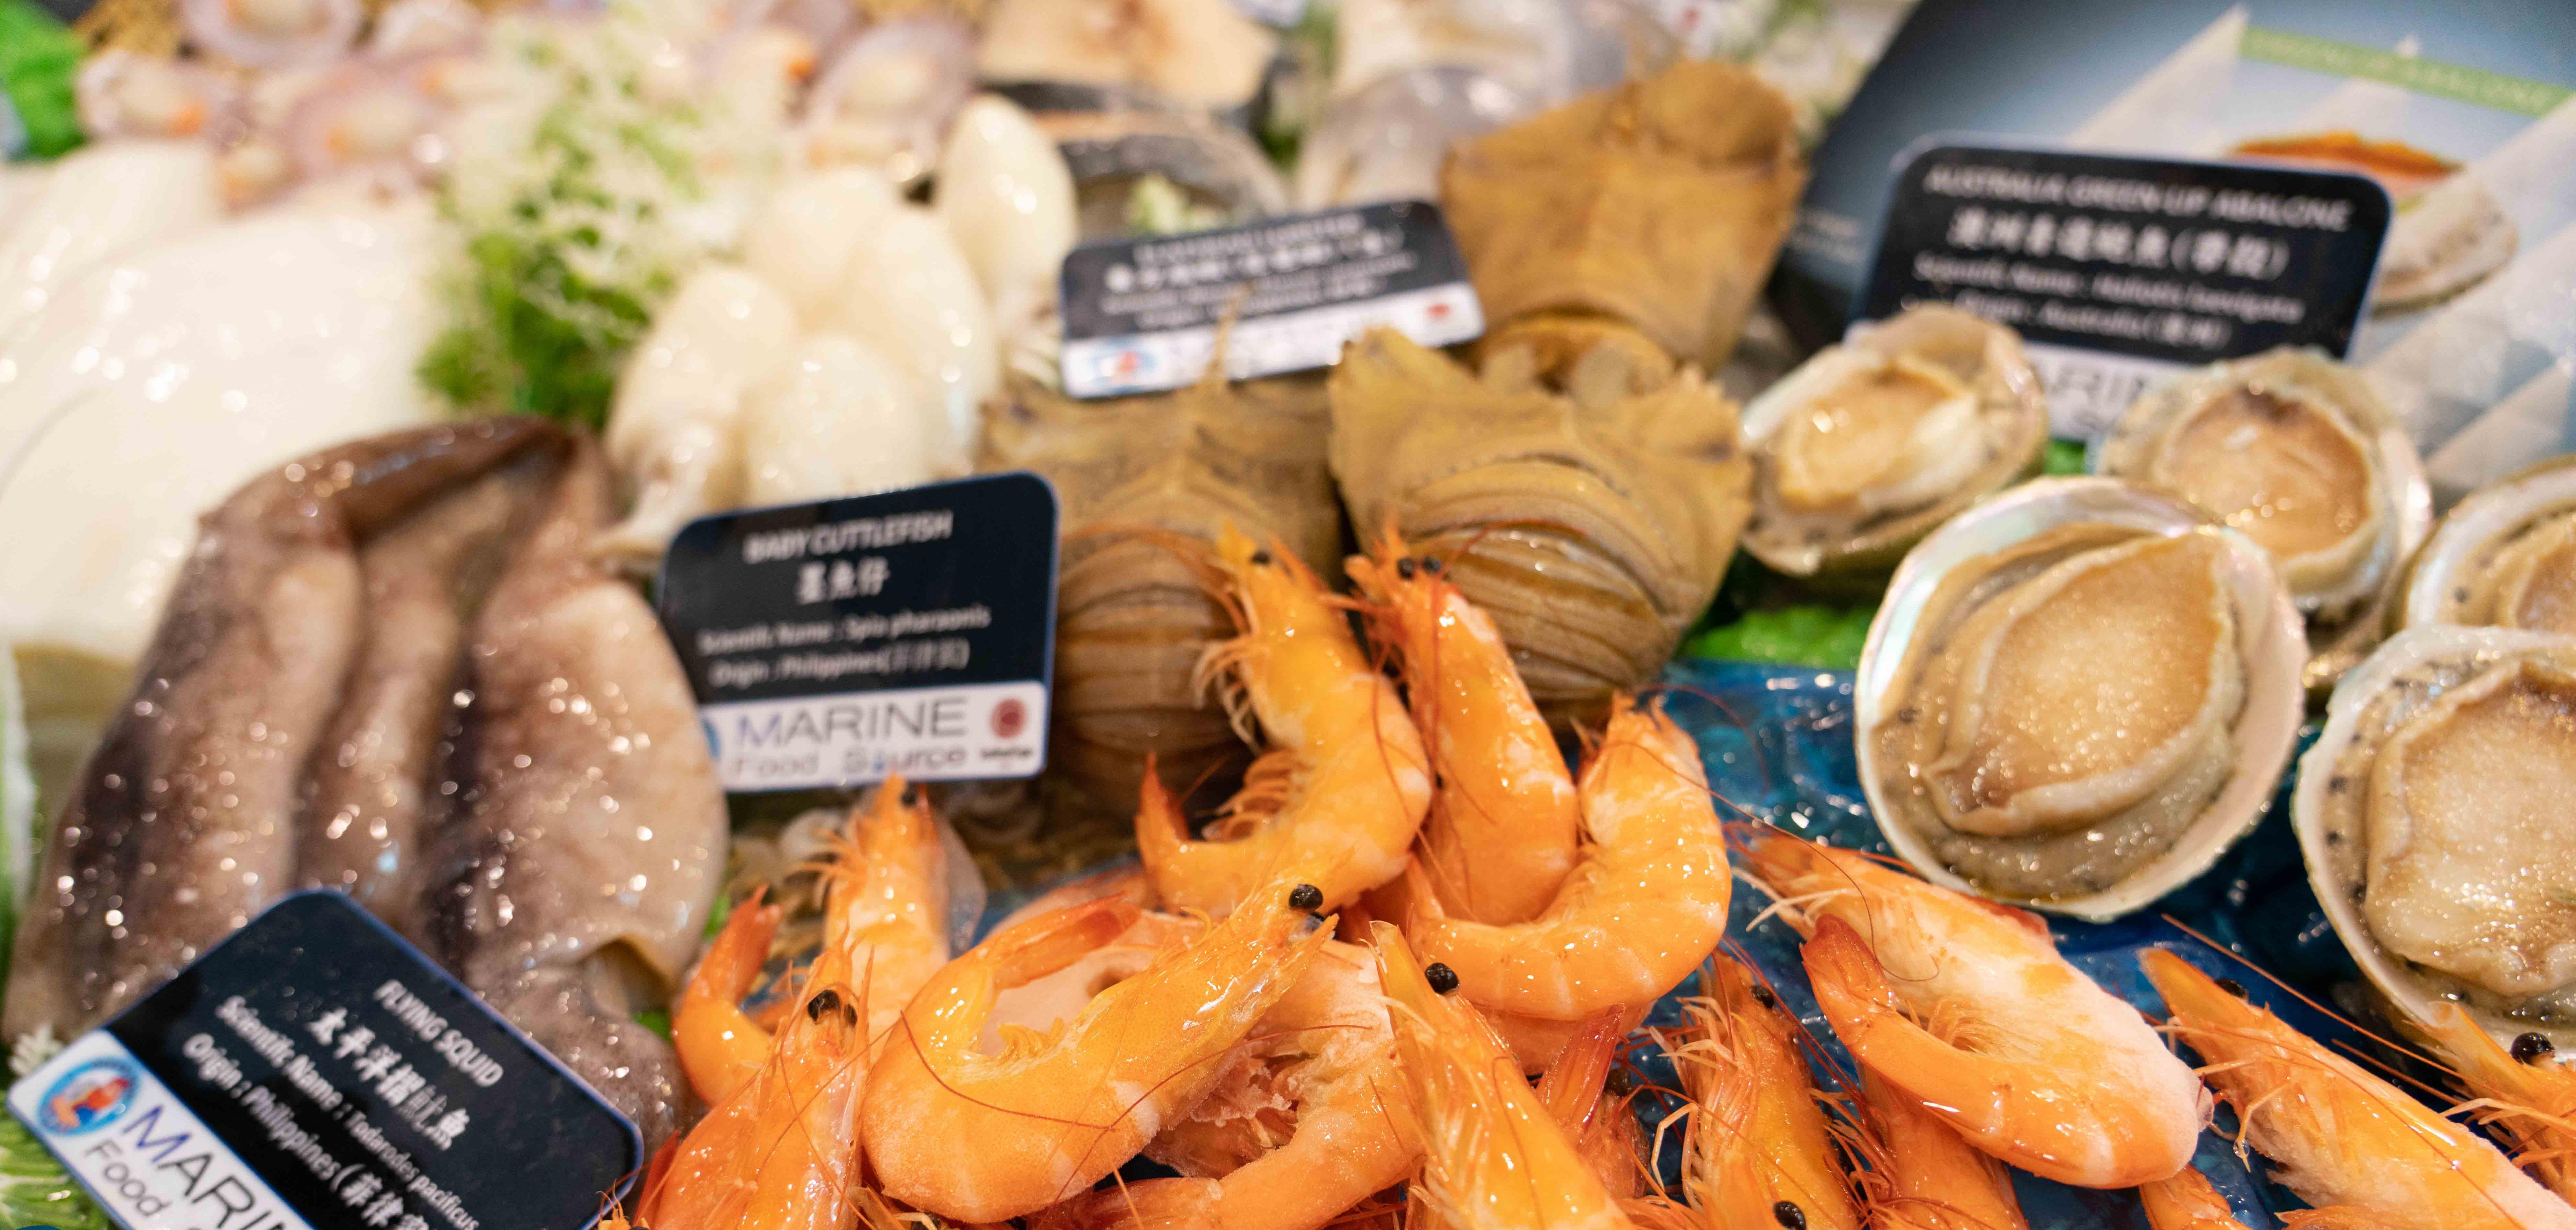 Công Bố Ngày và Địa Điểm Mới để Tổ Chức Seafood Expo Asia (Triển Lãm Hải Sản Châu Á)